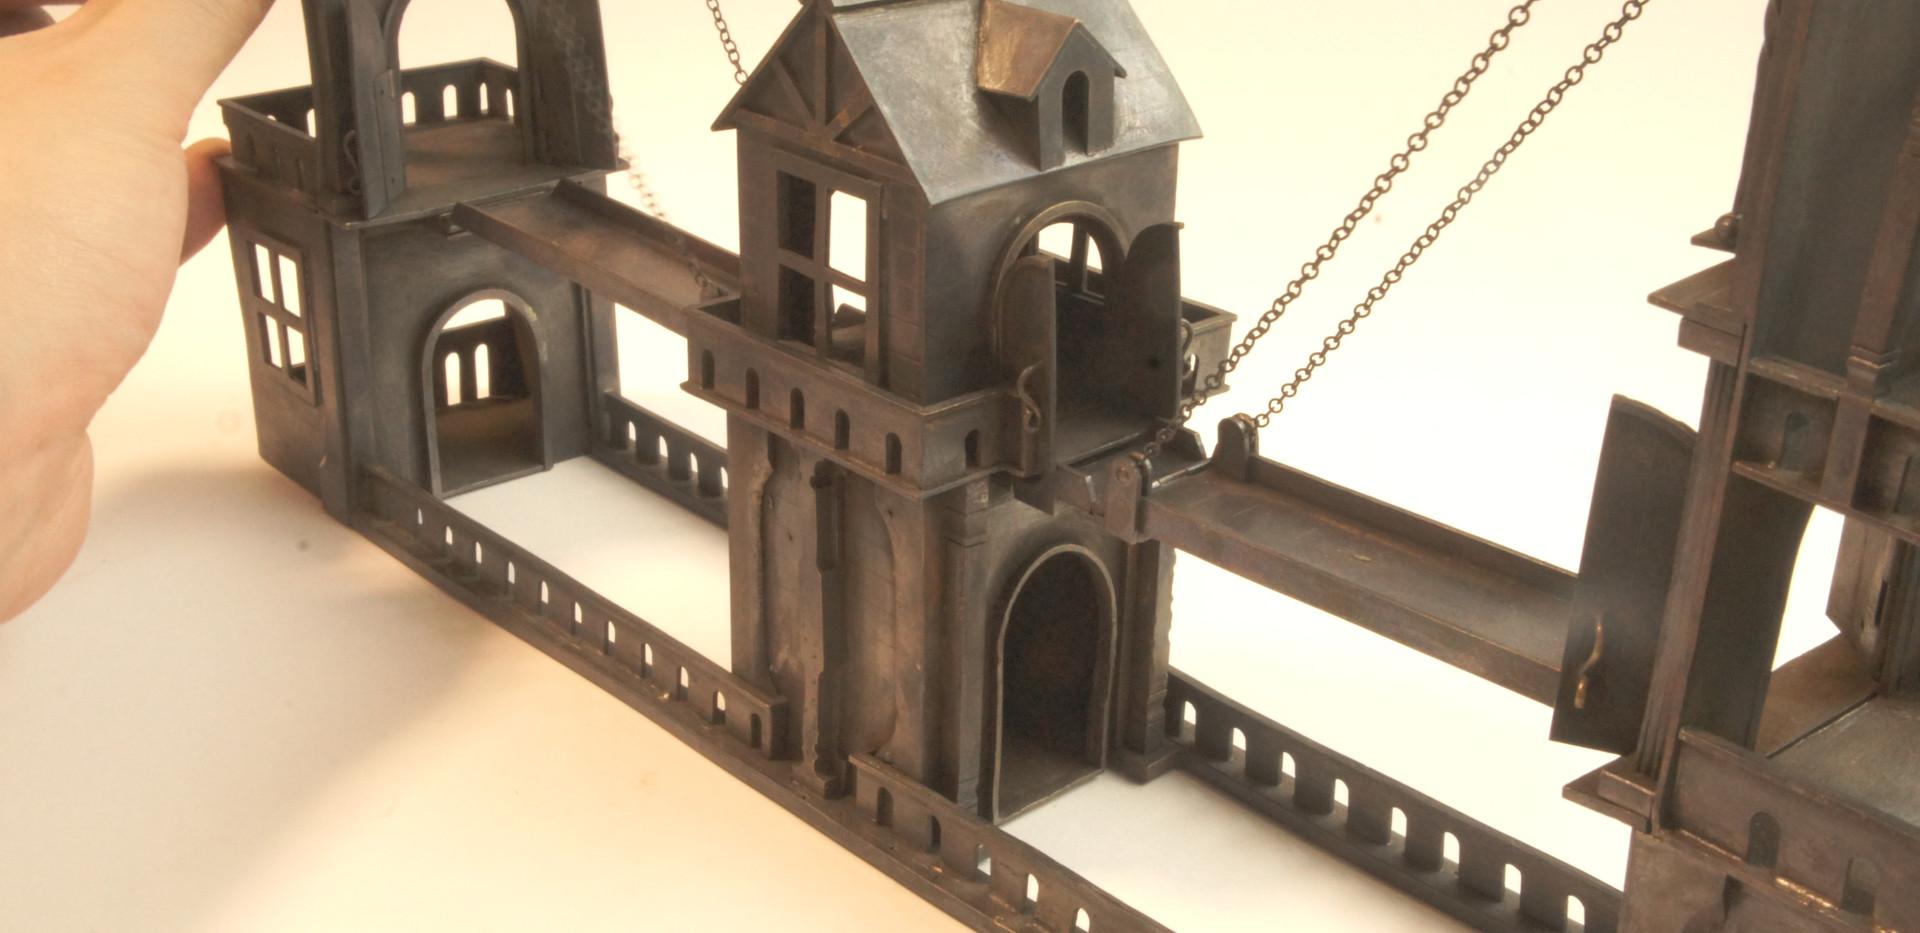 両方の跳ね橋を上げると3つの塔が繋がる